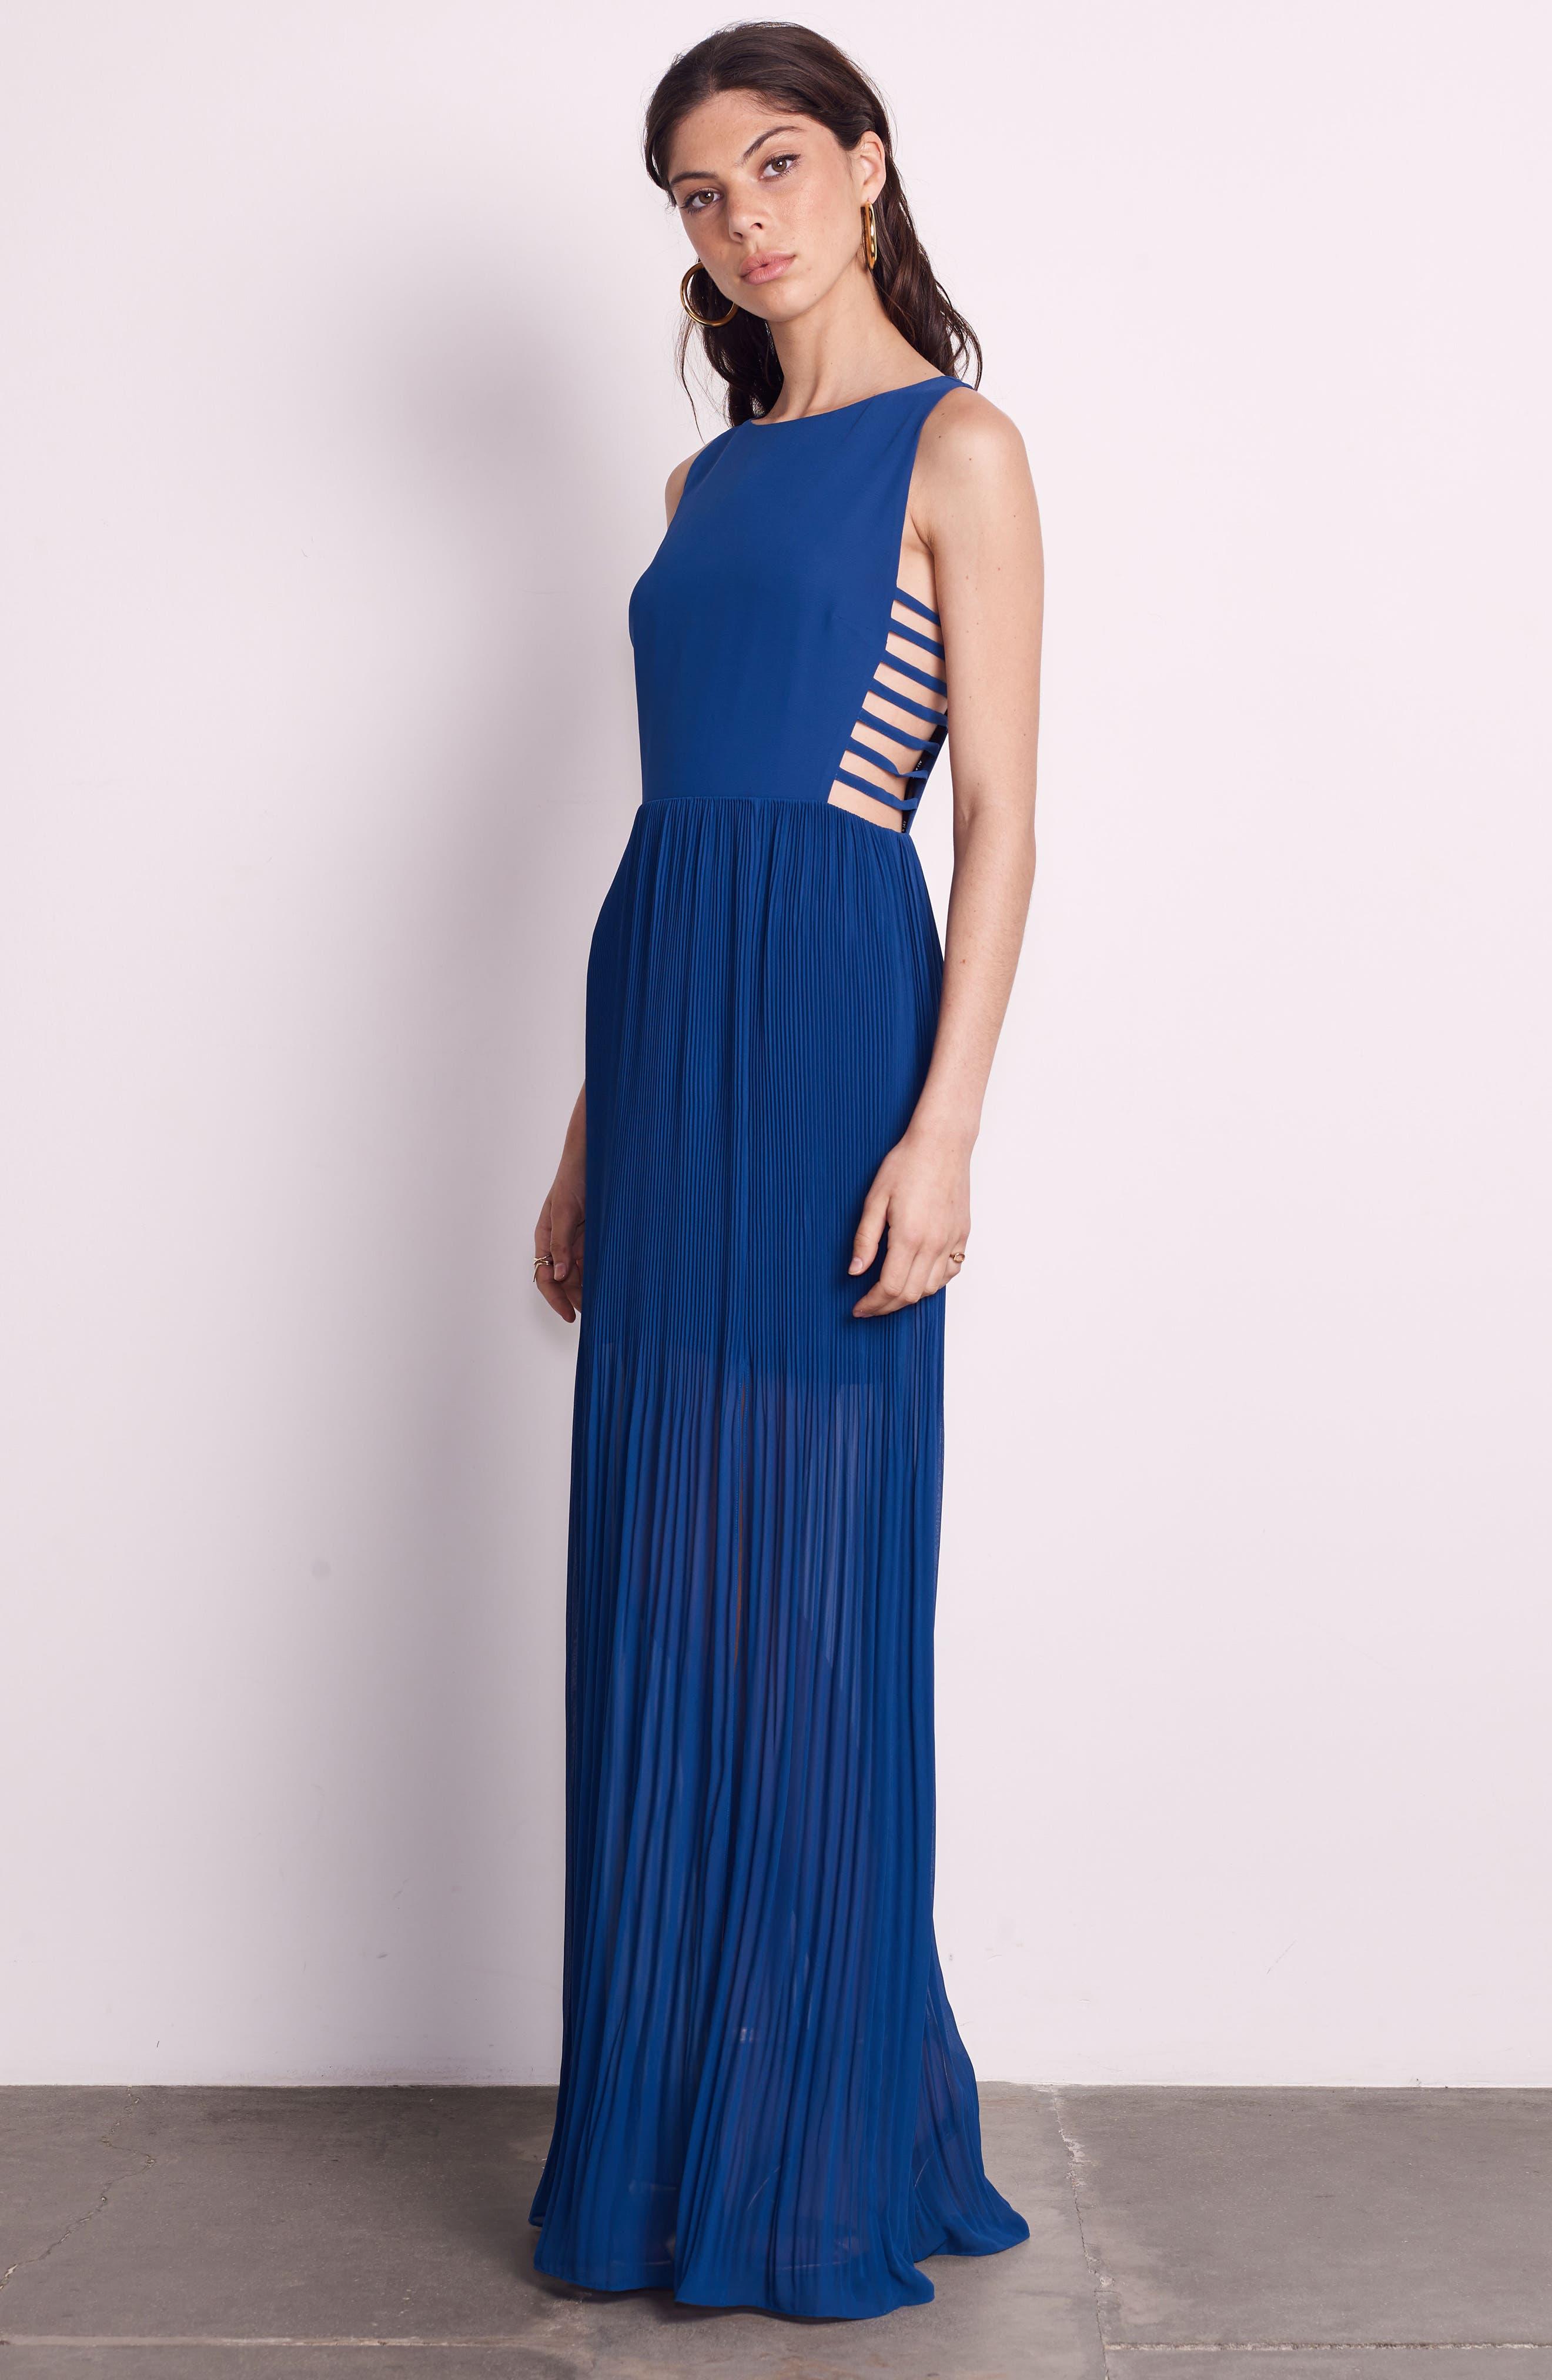 Sunset Blvd Maxi Dress,                             Alternate thumbnail 13, color,